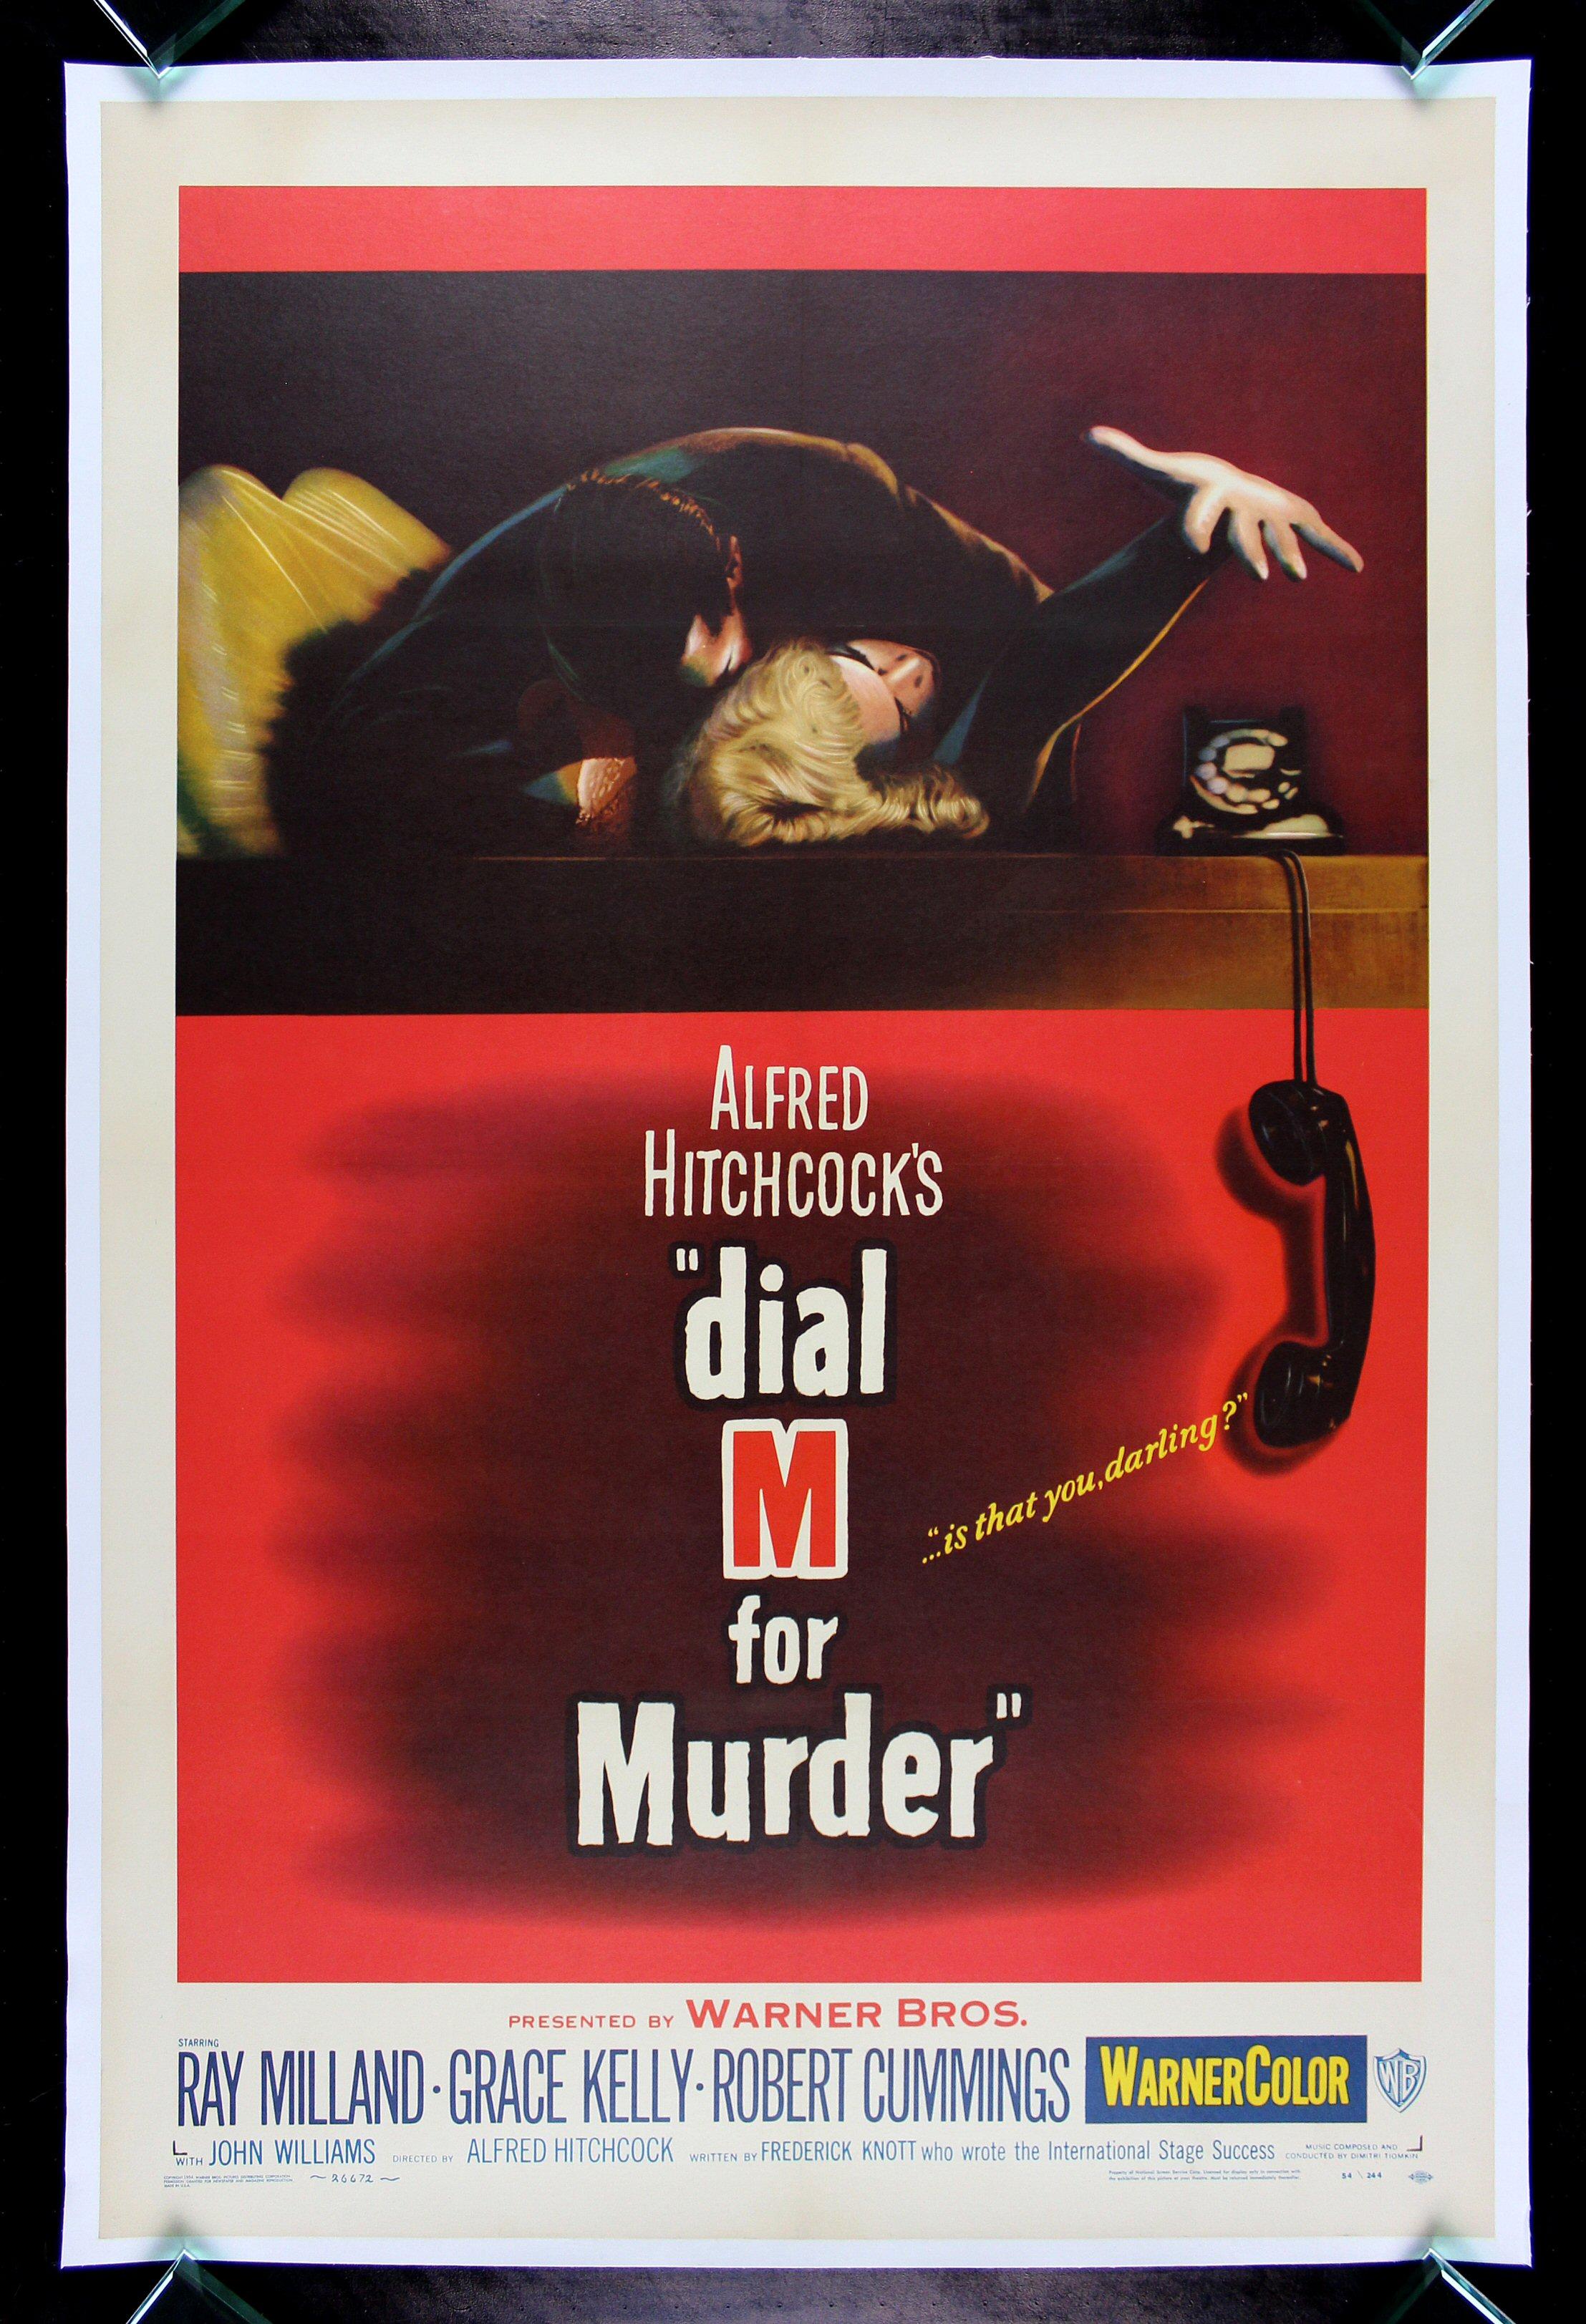 Кадры из фильма смотреть онлайн в случае убийства набирайте м онлайн